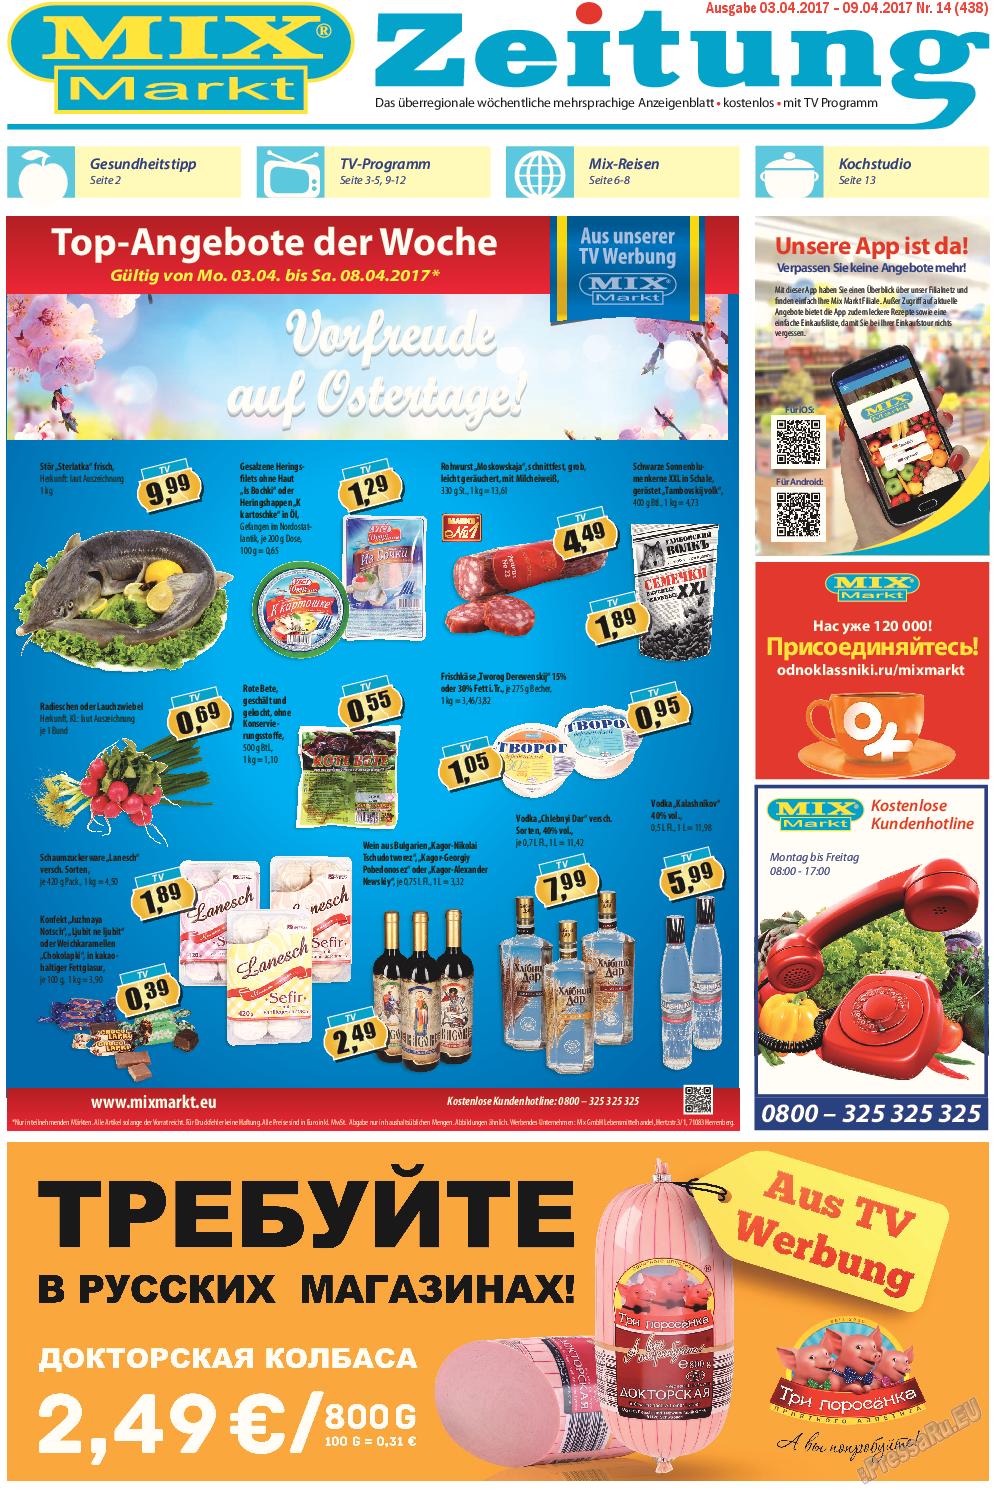 MIX-Markt Zeitung (газета). 2017 год, номер 14, стр. 1